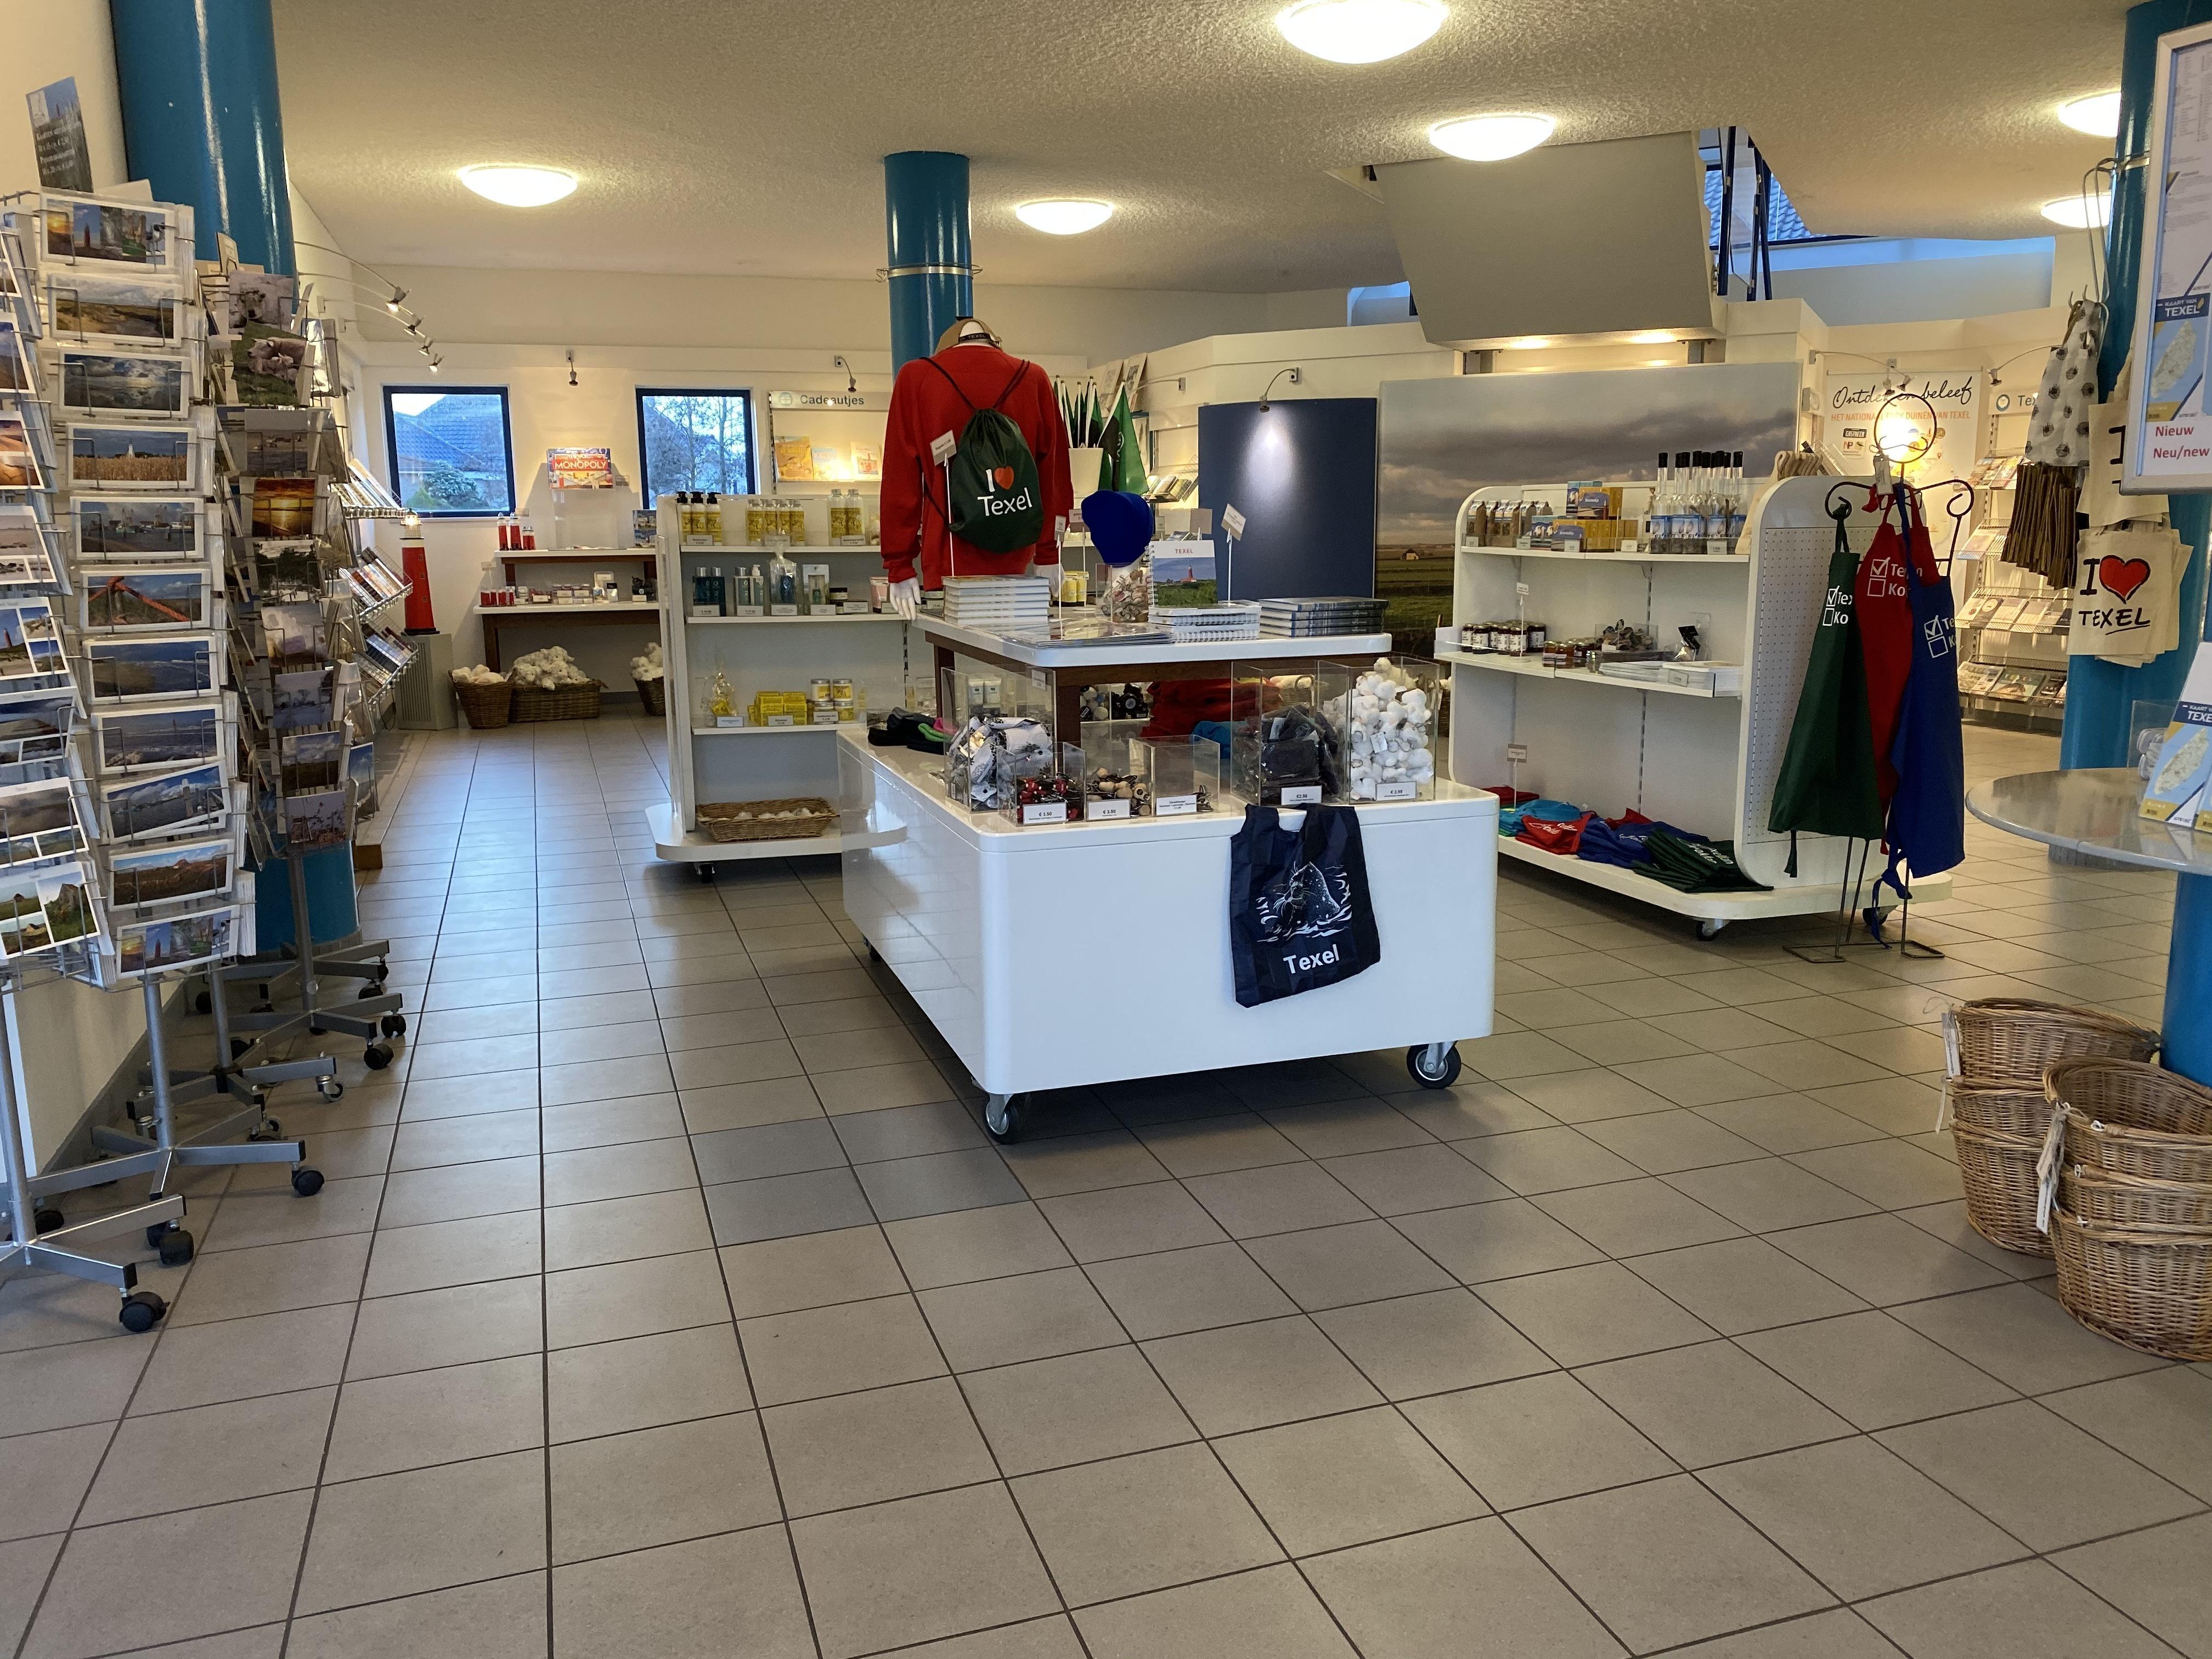 Winkel van VVV Texel in Den Burg VVV Texel